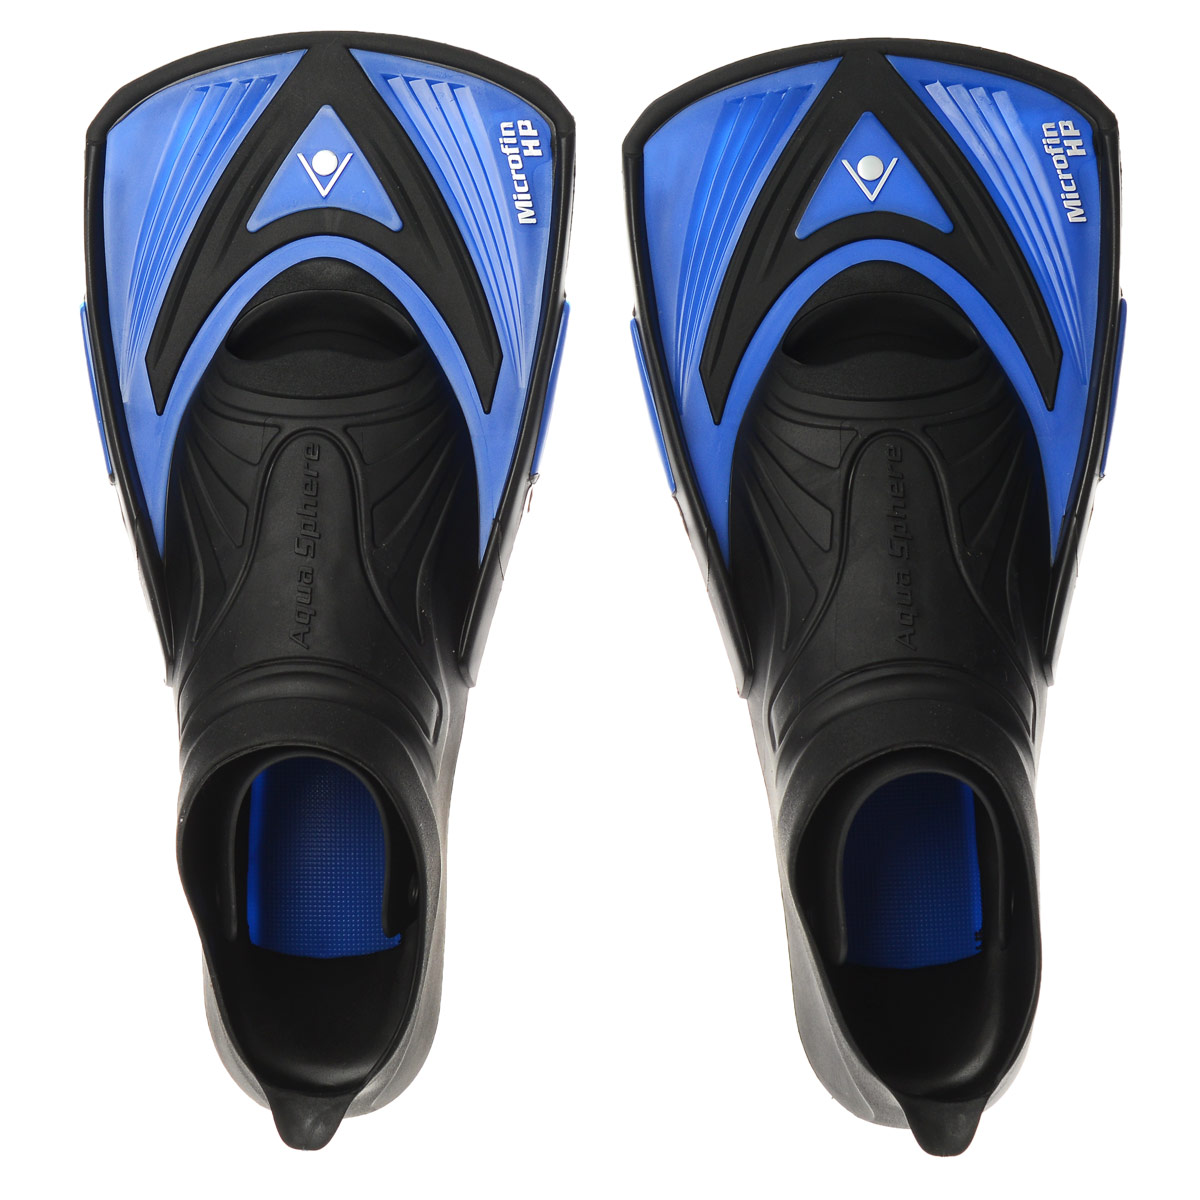 Ласты тренировочные Aqua Sphere Microfin HP, цвет: синий. Размер 32/3310008584Aqua Sphere Microfin HP - это ласты для энергичной манеры плавания, предназначенные для серьезных спортивных тренировок. Уникальный дизайн ласт обеспечивает достаточное сопротивление воды для силовых тренировок и поддерживает ноги близко к поверхности воды - таким образом, пловец занимает правильное положение, гарантирующее максимальную обтекаемость. Особенности:Галоша с закрытой пяткой выполнена из прочного термопластика.Короткие лопасти удерживают ноги пловца близко к поверхности воды.Позволяют развивать силу мышц и поддерживать их в тонусе, одновременно совершенствуя технику плавания.